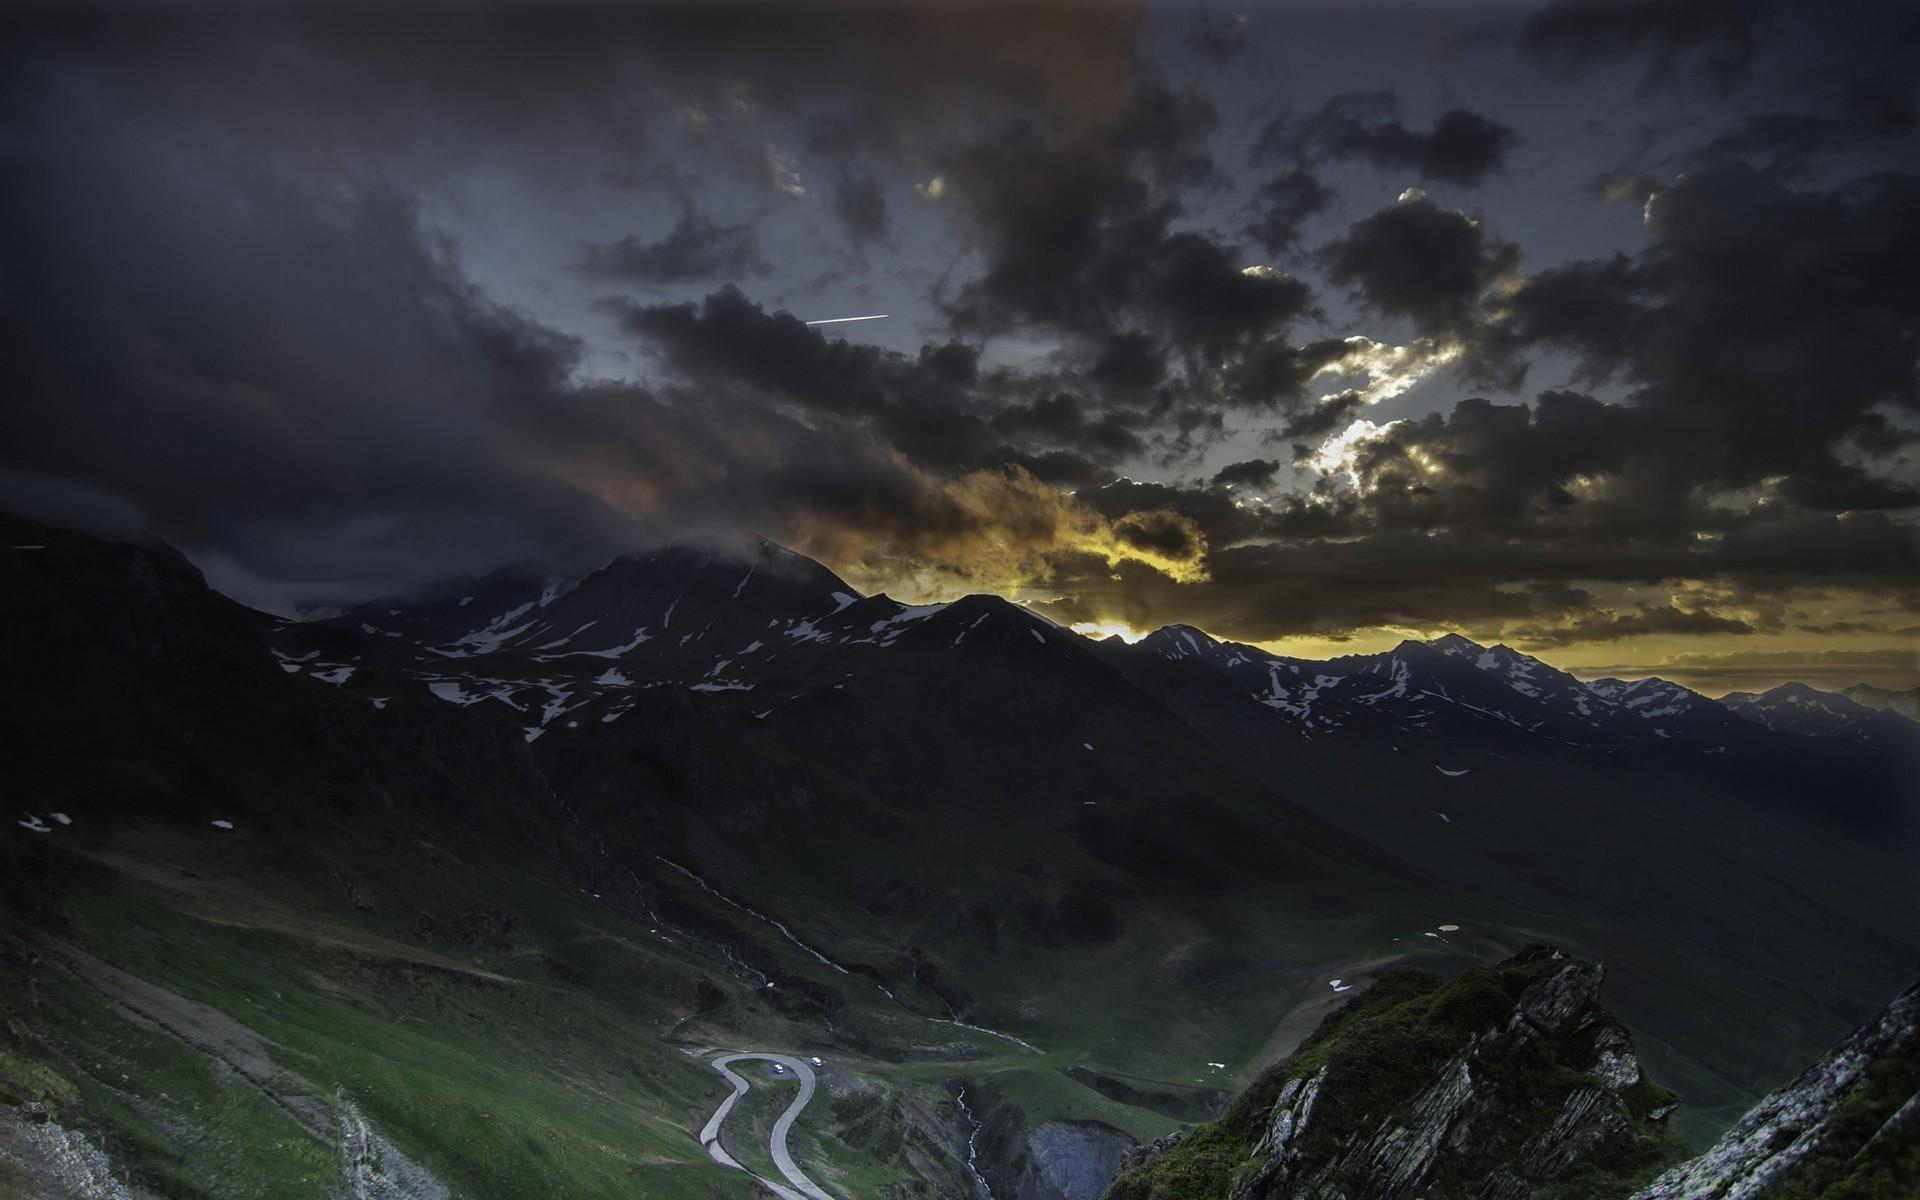 изображение мрачные ночные горы картинки полностью сосредоточилась